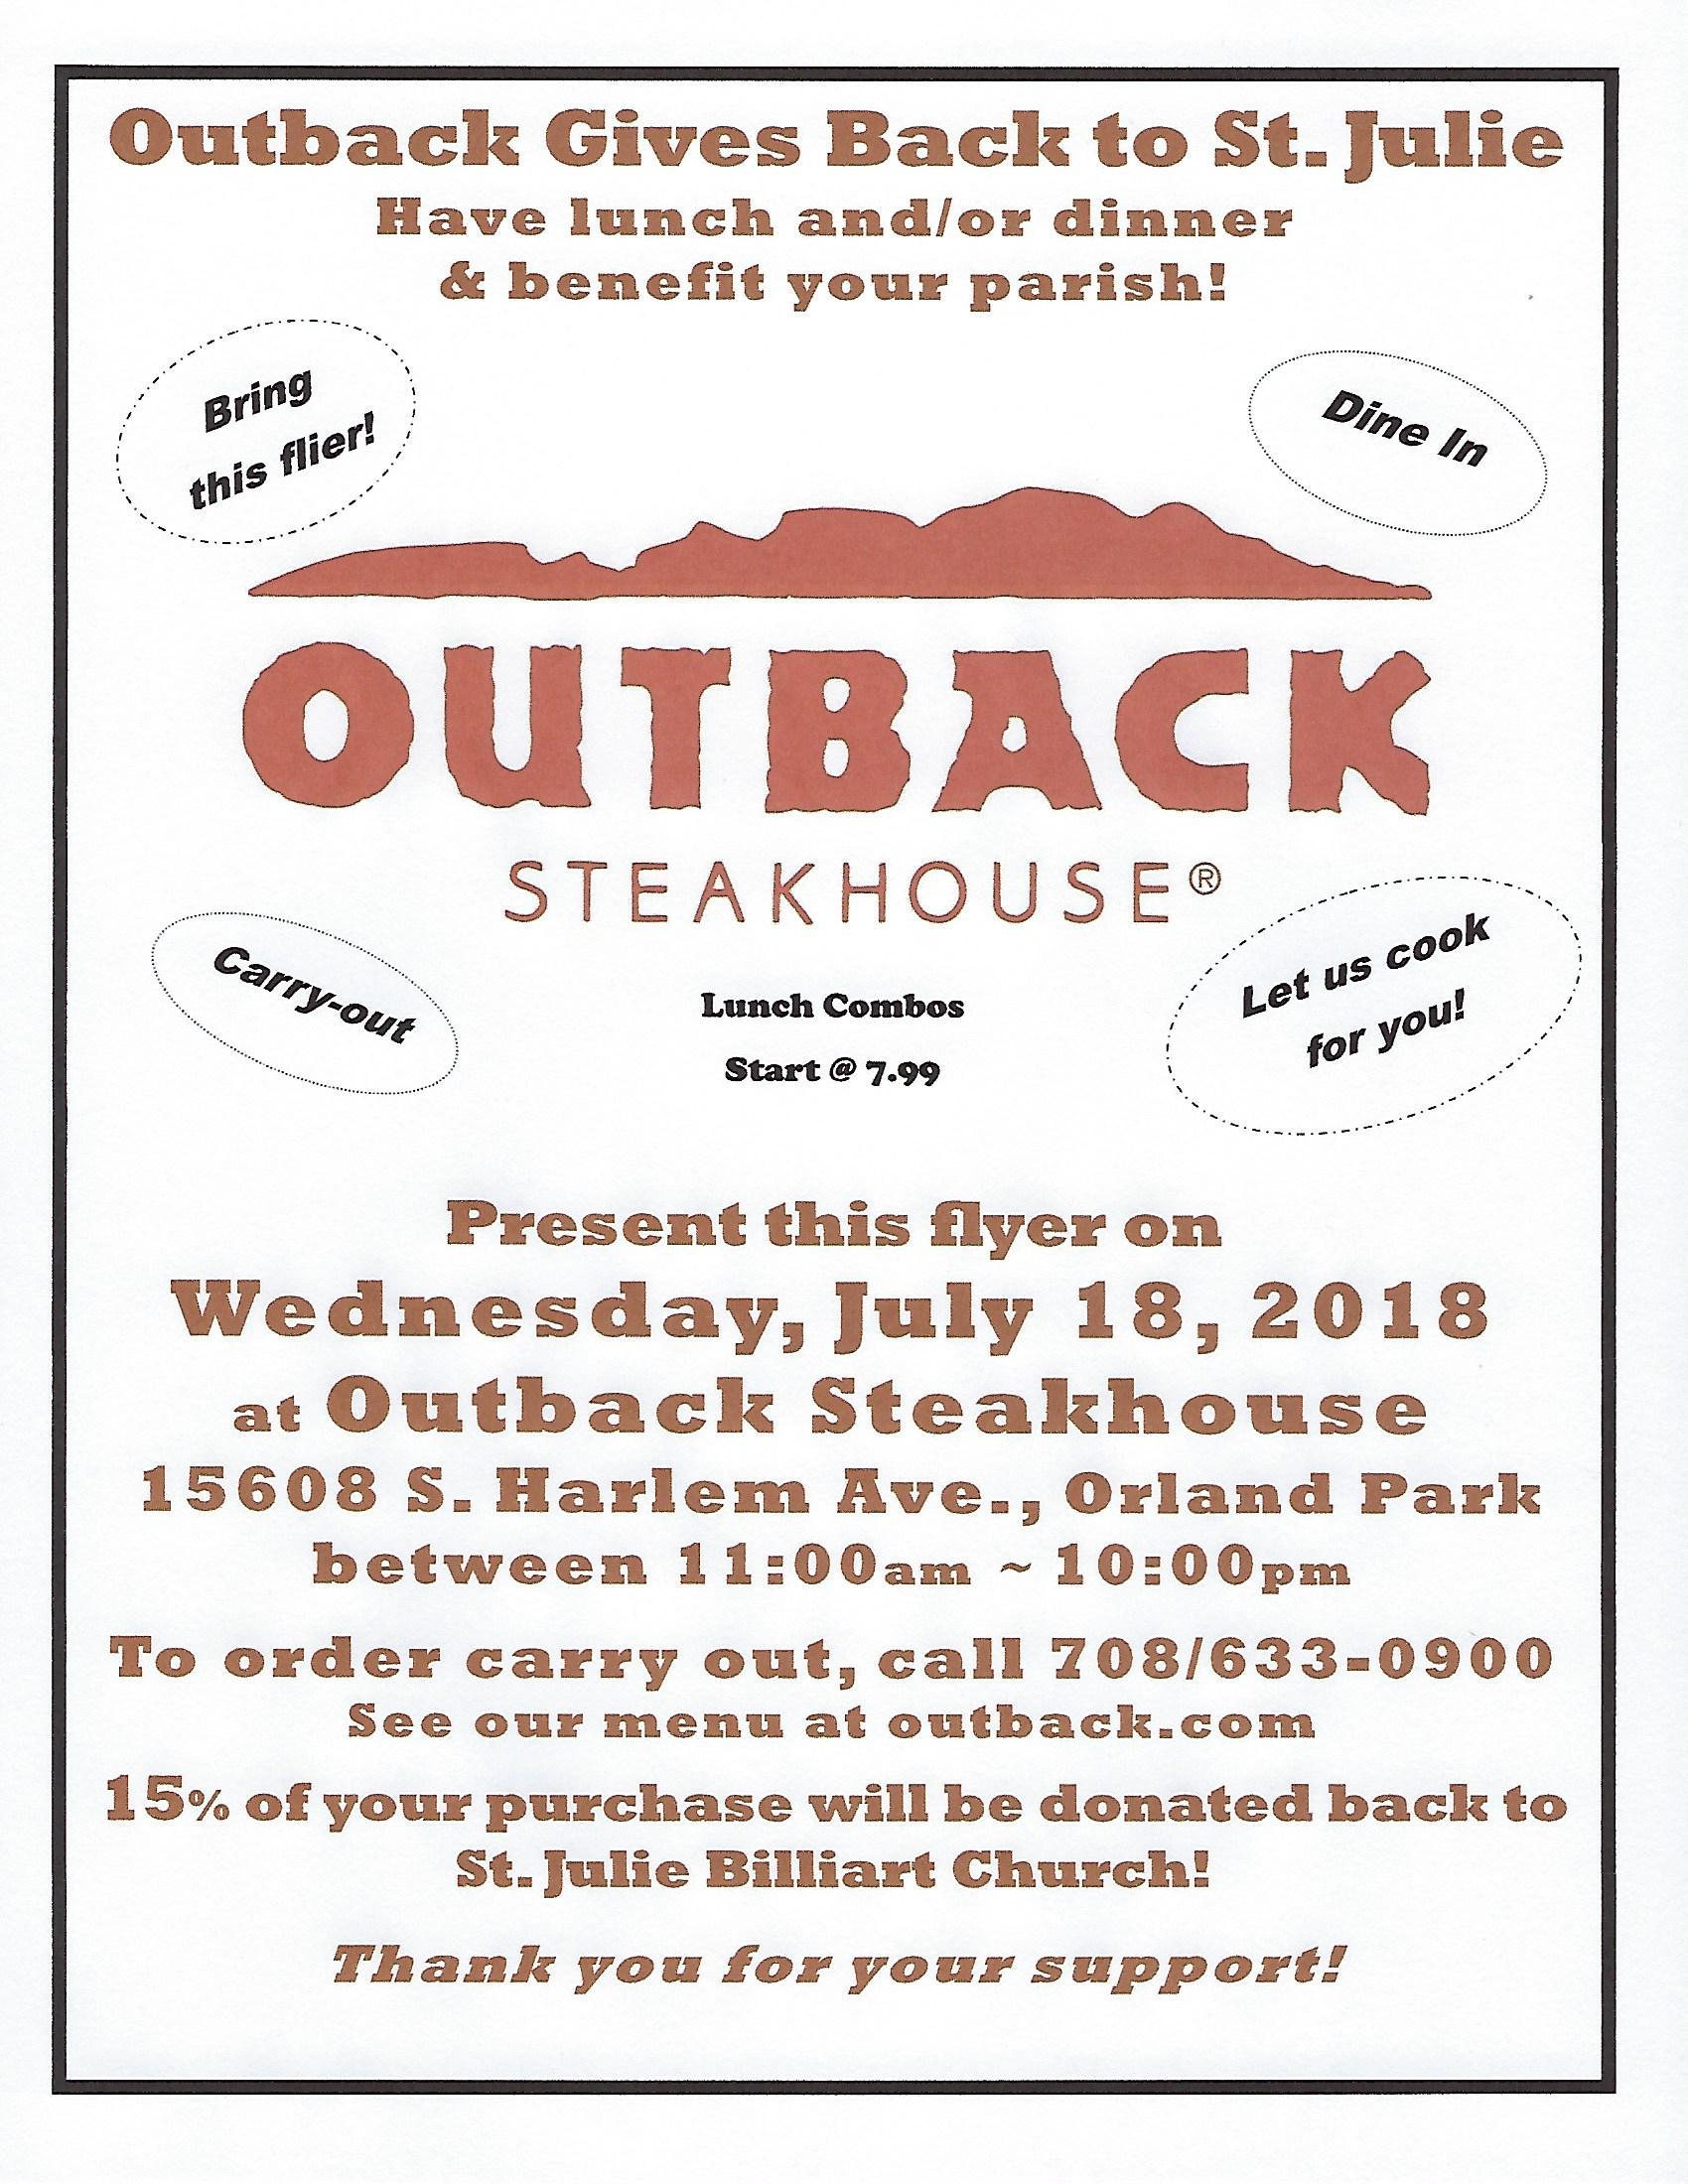 outback steakhouse restaurant fundraiser outback steakhouse restaurant fundraiser